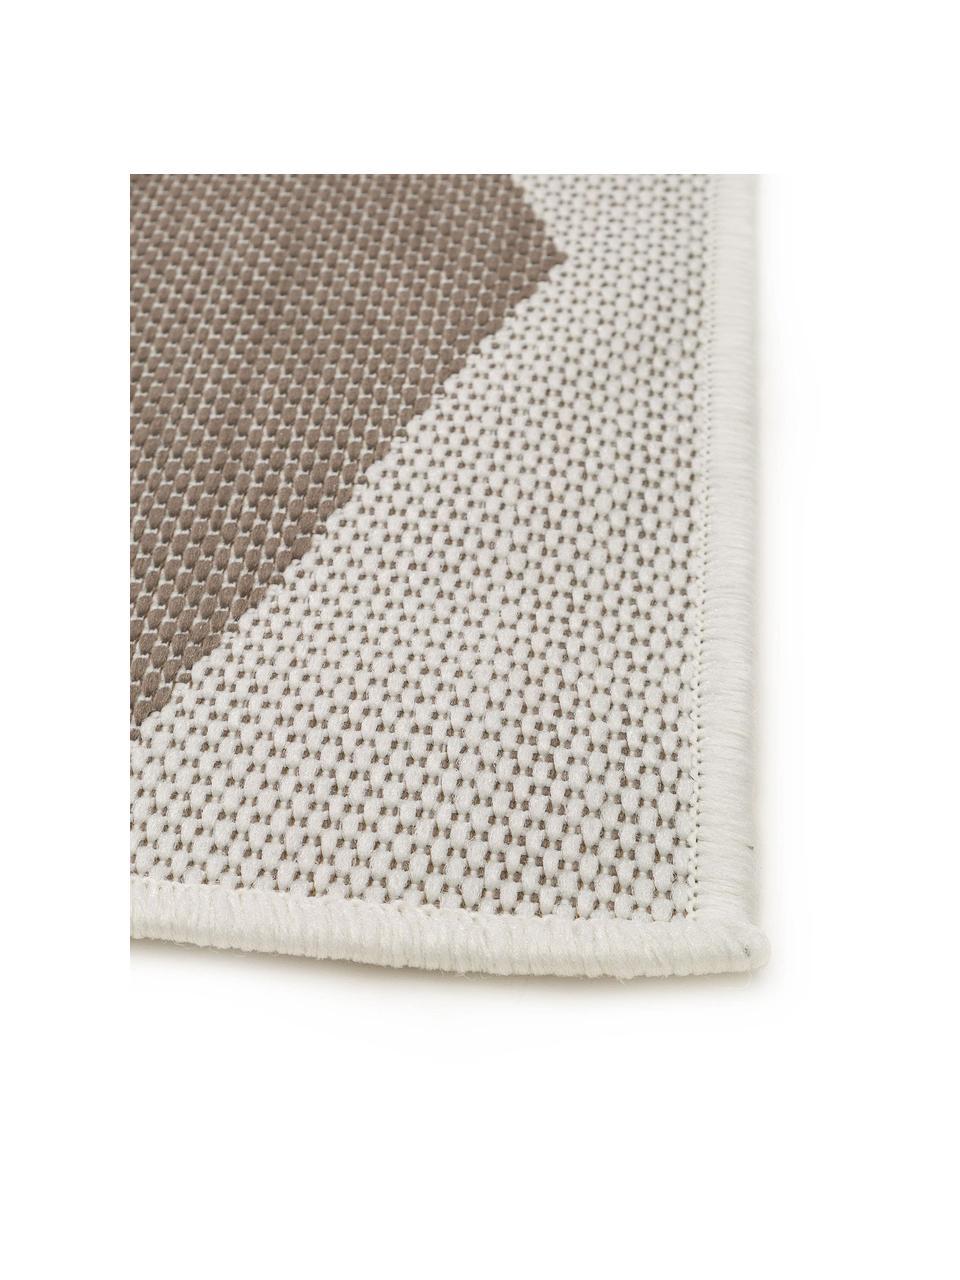 In- & outdoor vloerkleed met patroon Nillo in beige/crèmekleur, 100% polyethyleen, Lichtgrijs, taupe, B 120 x L 170 cm (maat S)